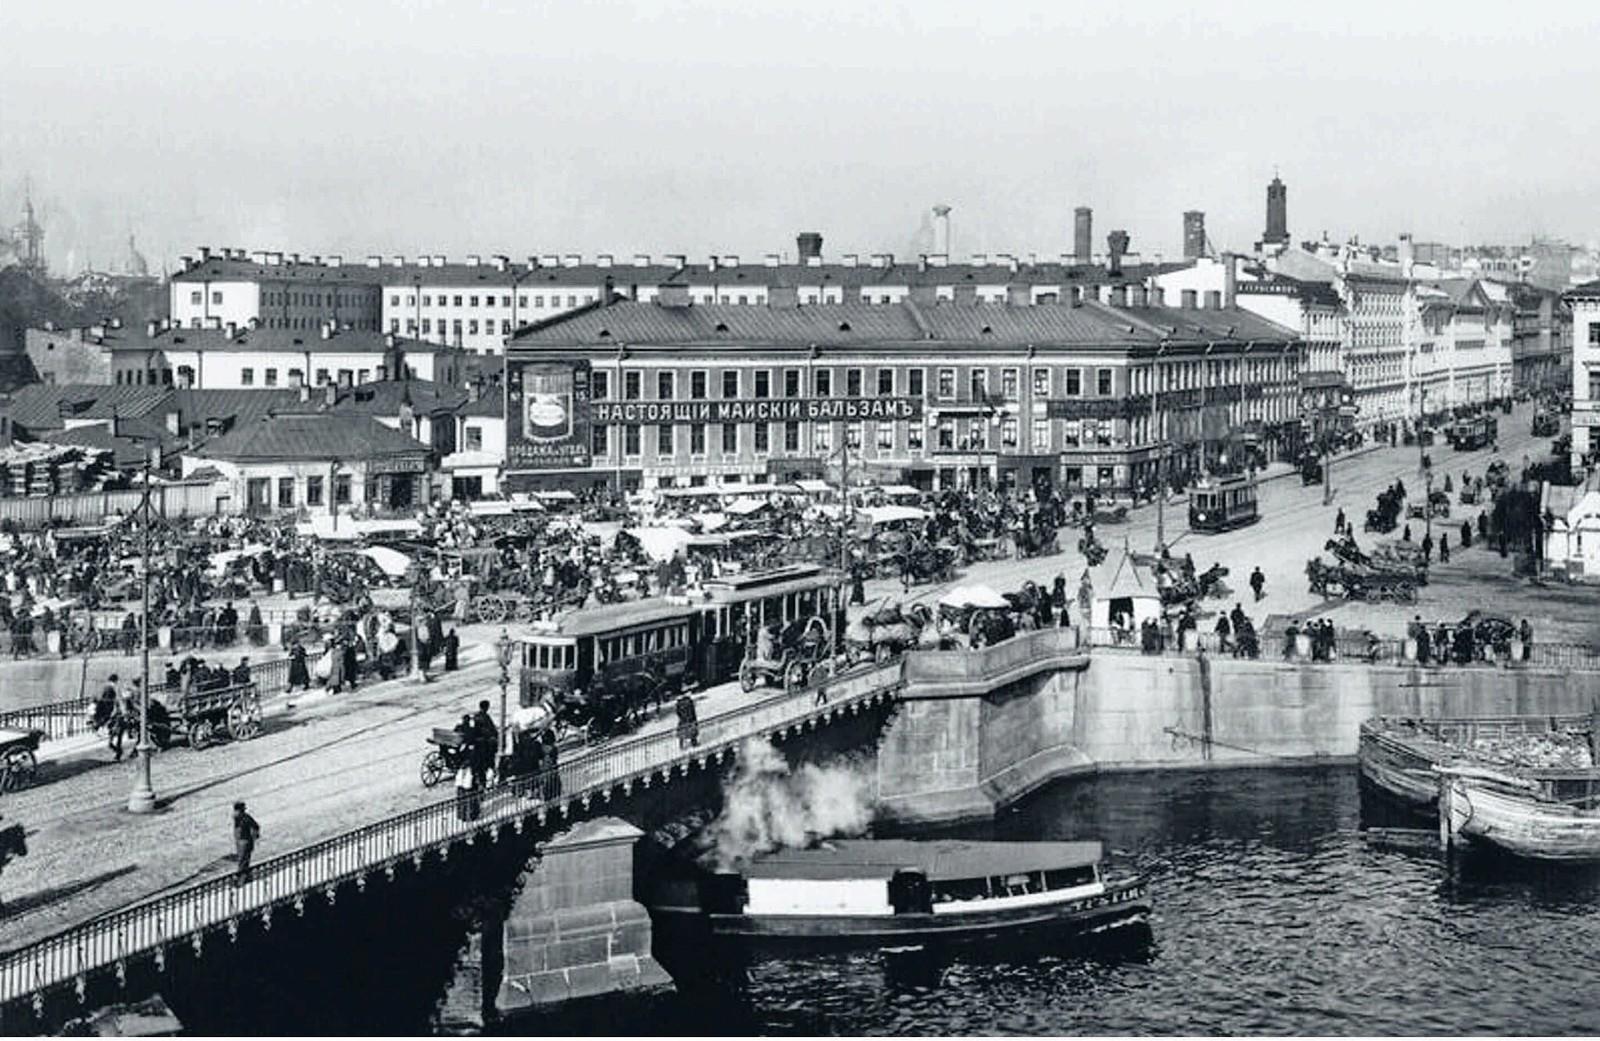 21. 1913. Обуховский мост через Фонтанку